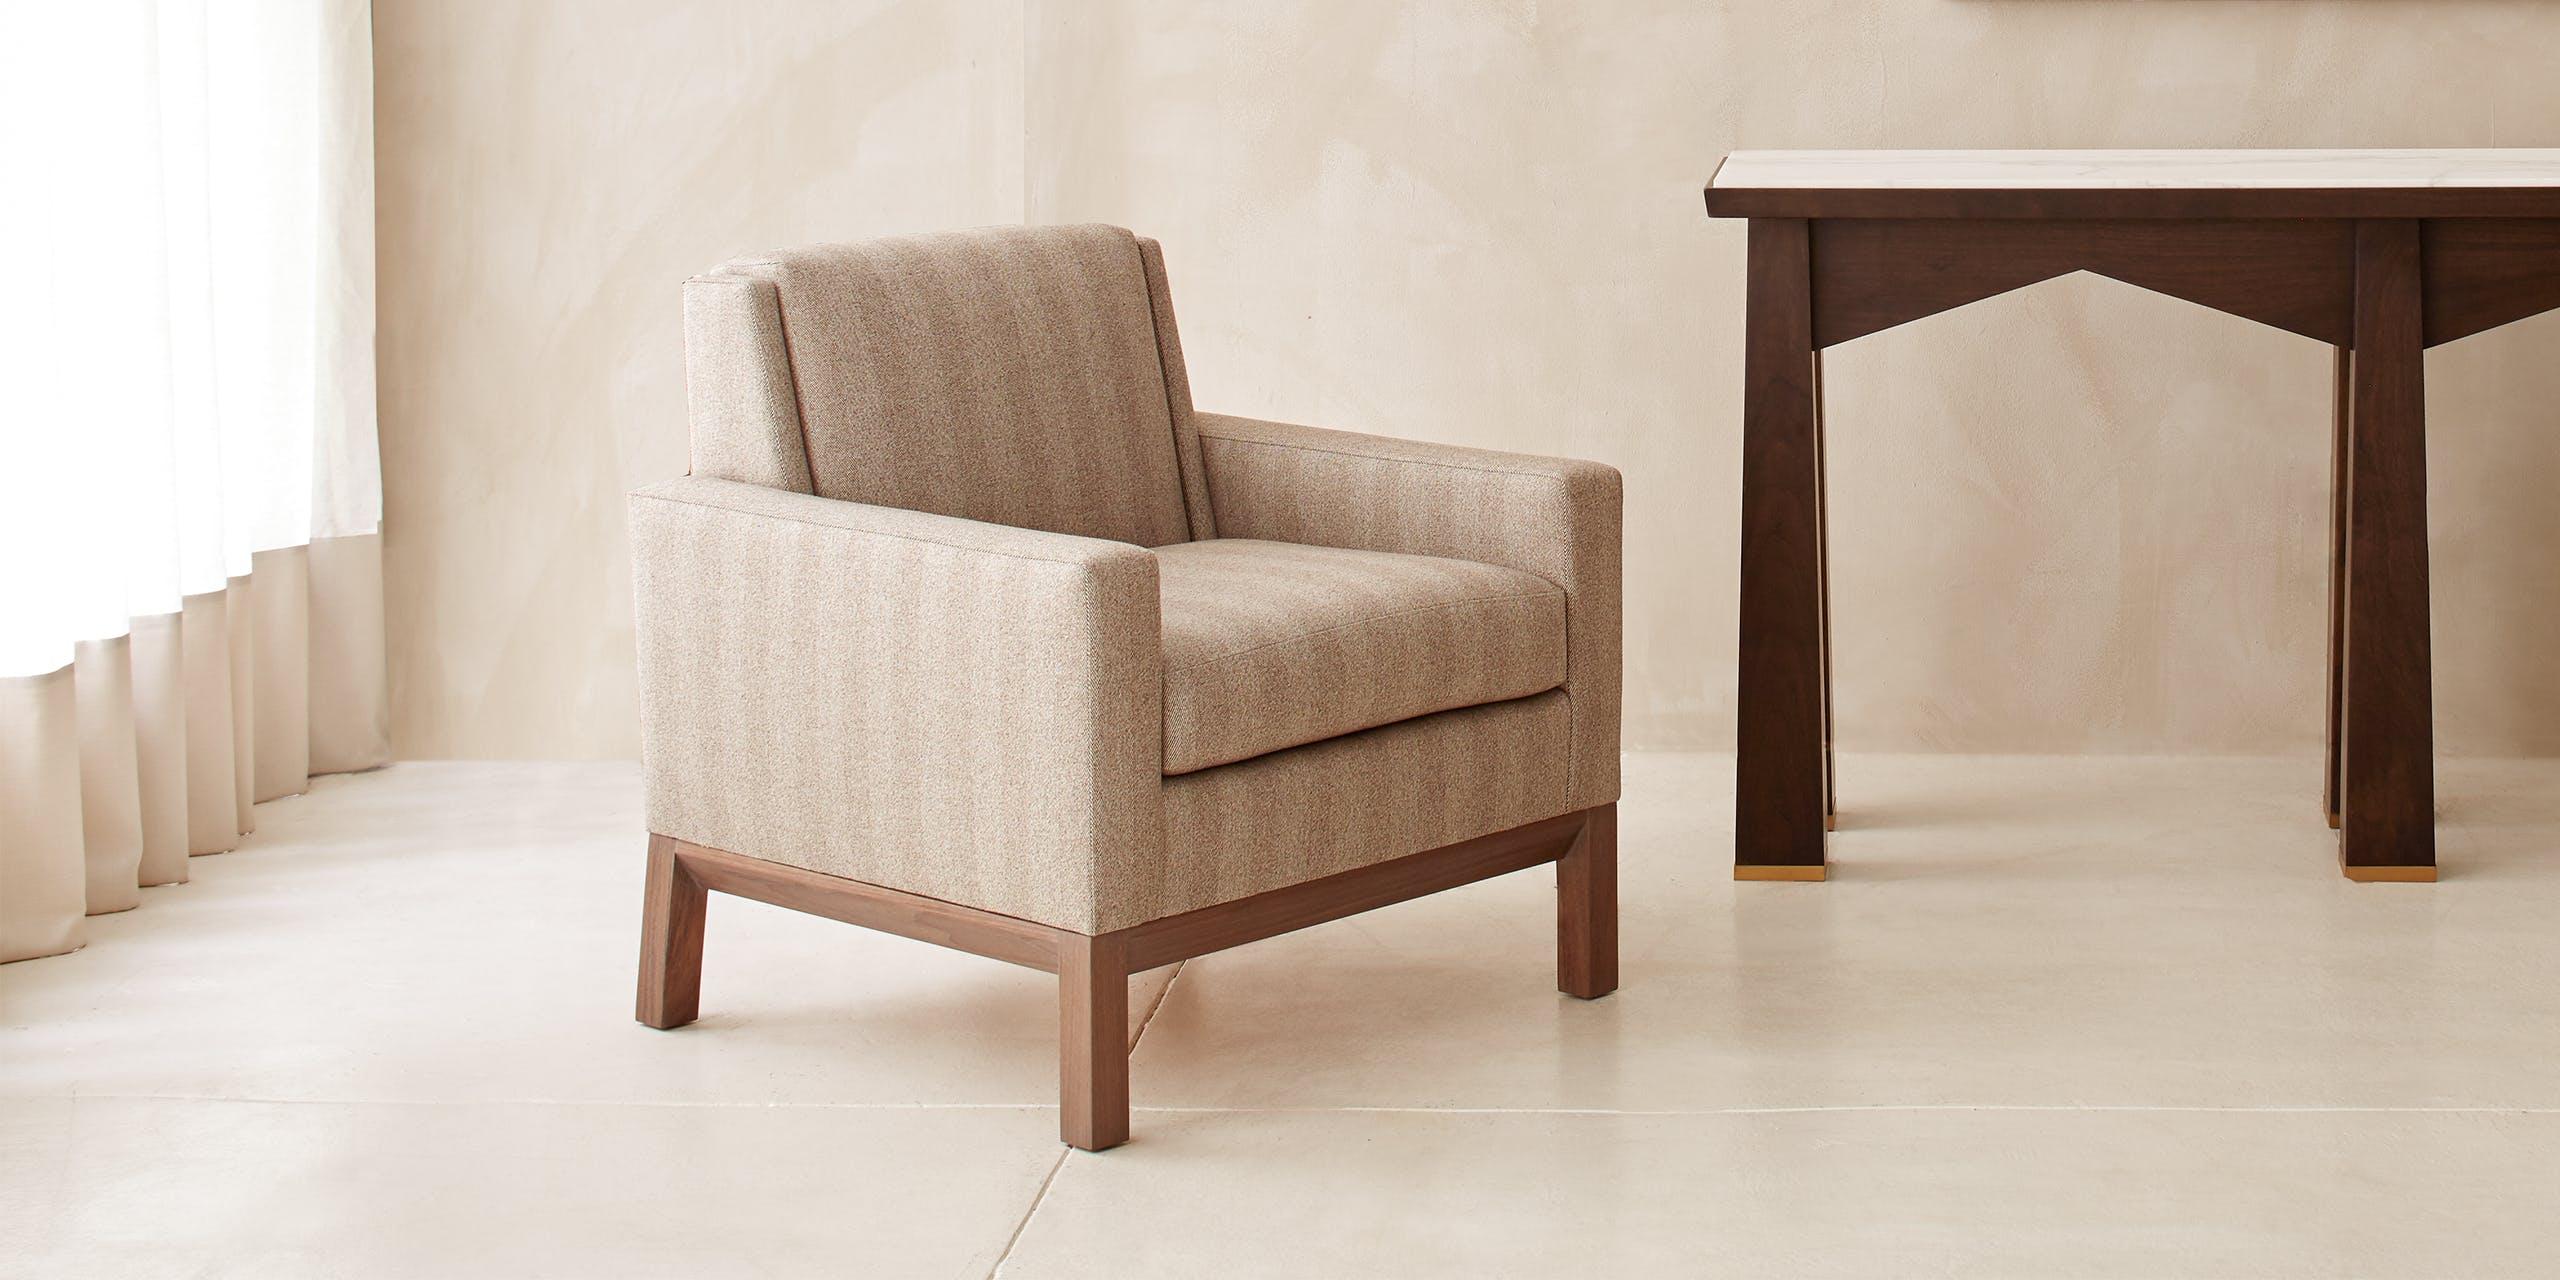 Texel lounge chair main.jpg?ixlib=rails 2.1